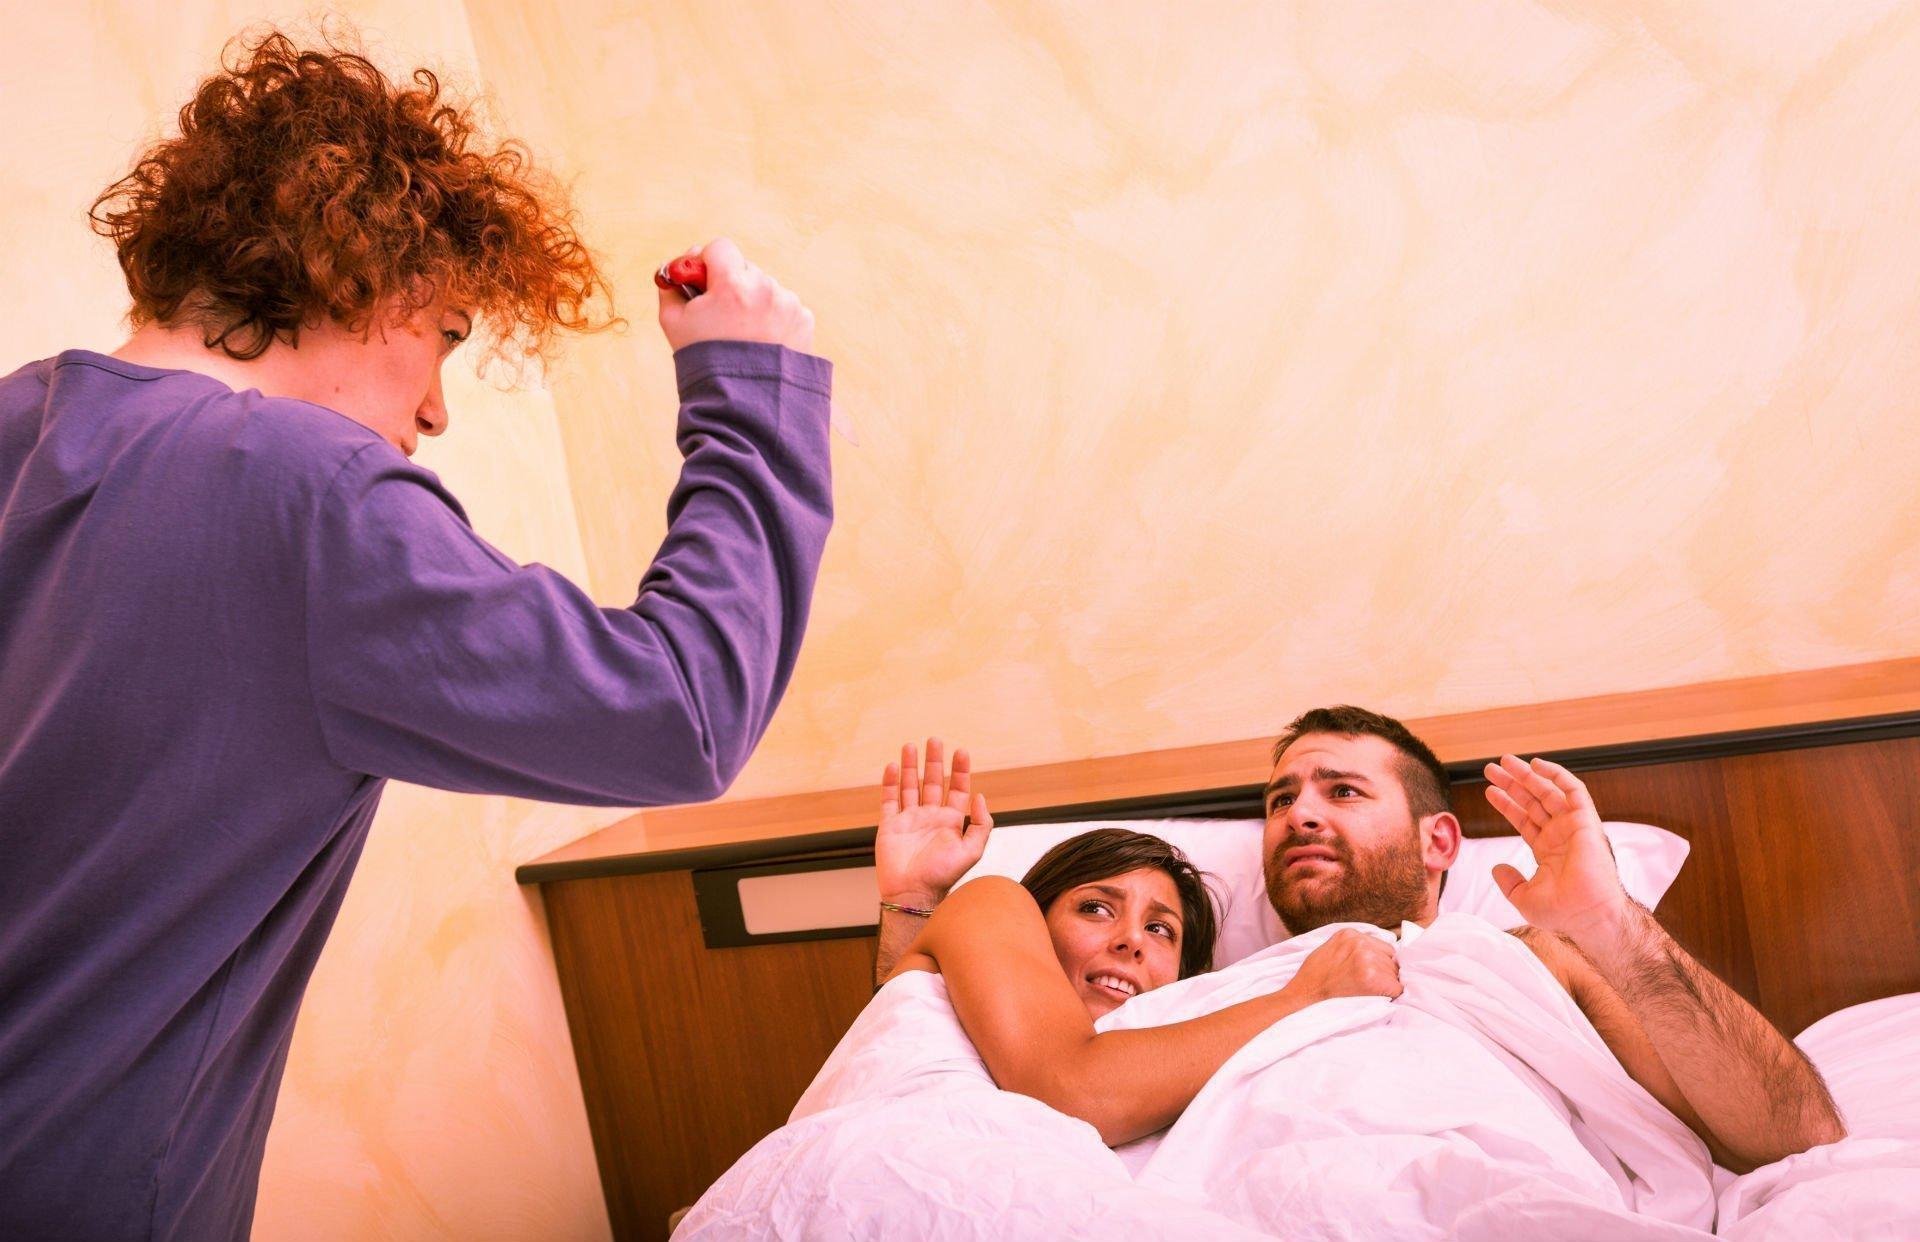 Заговоры от измены мужа. Чтоб муж не изменял